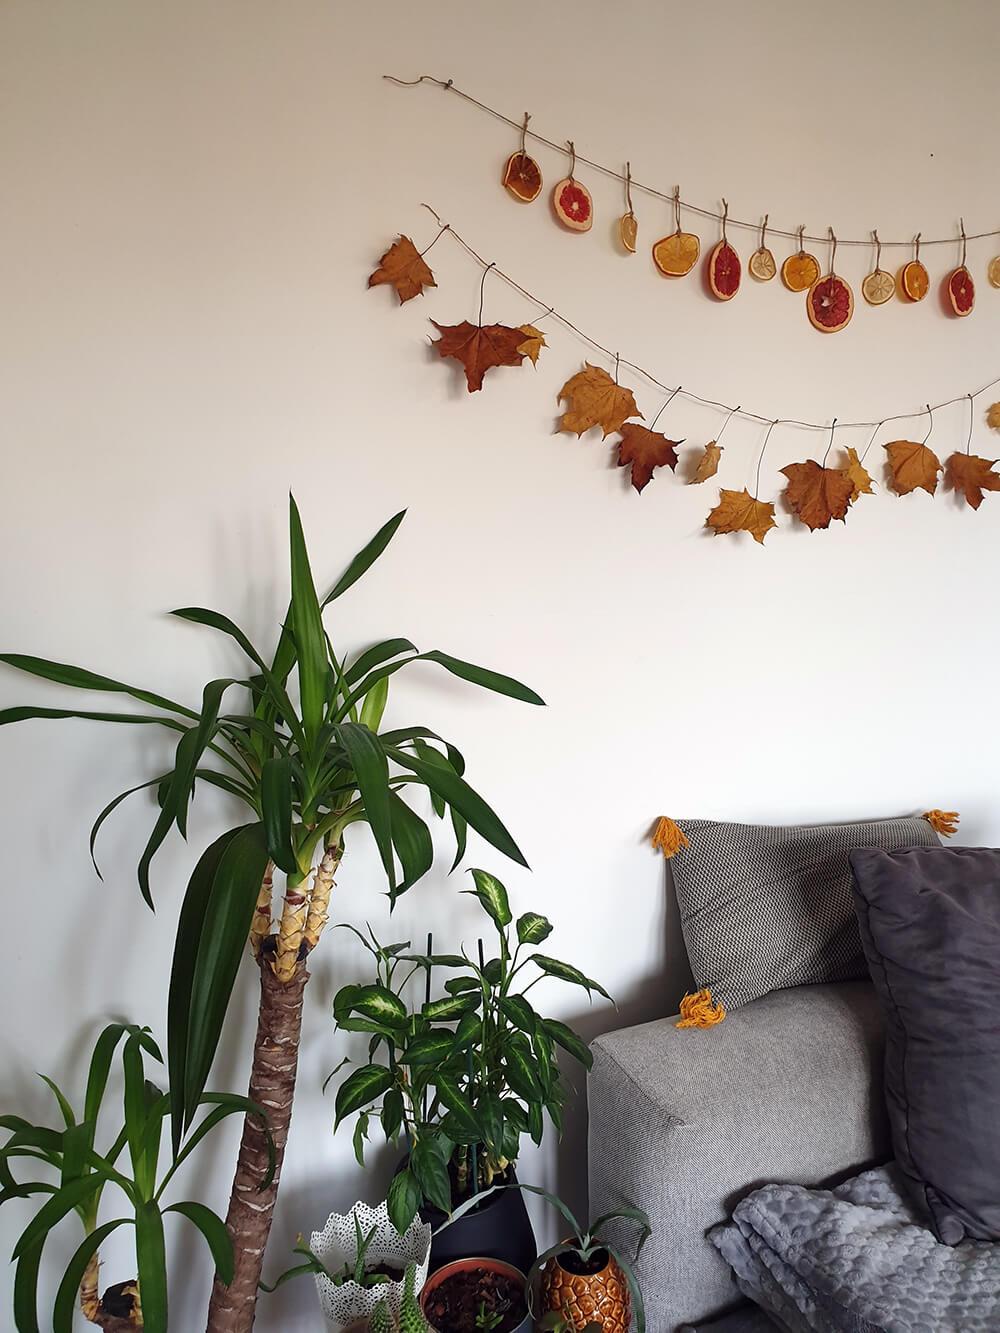 guirlande de noel zero dechet pour décorer les murs du salon - Comment adopter la guirlande de Noël zéro déchet ?